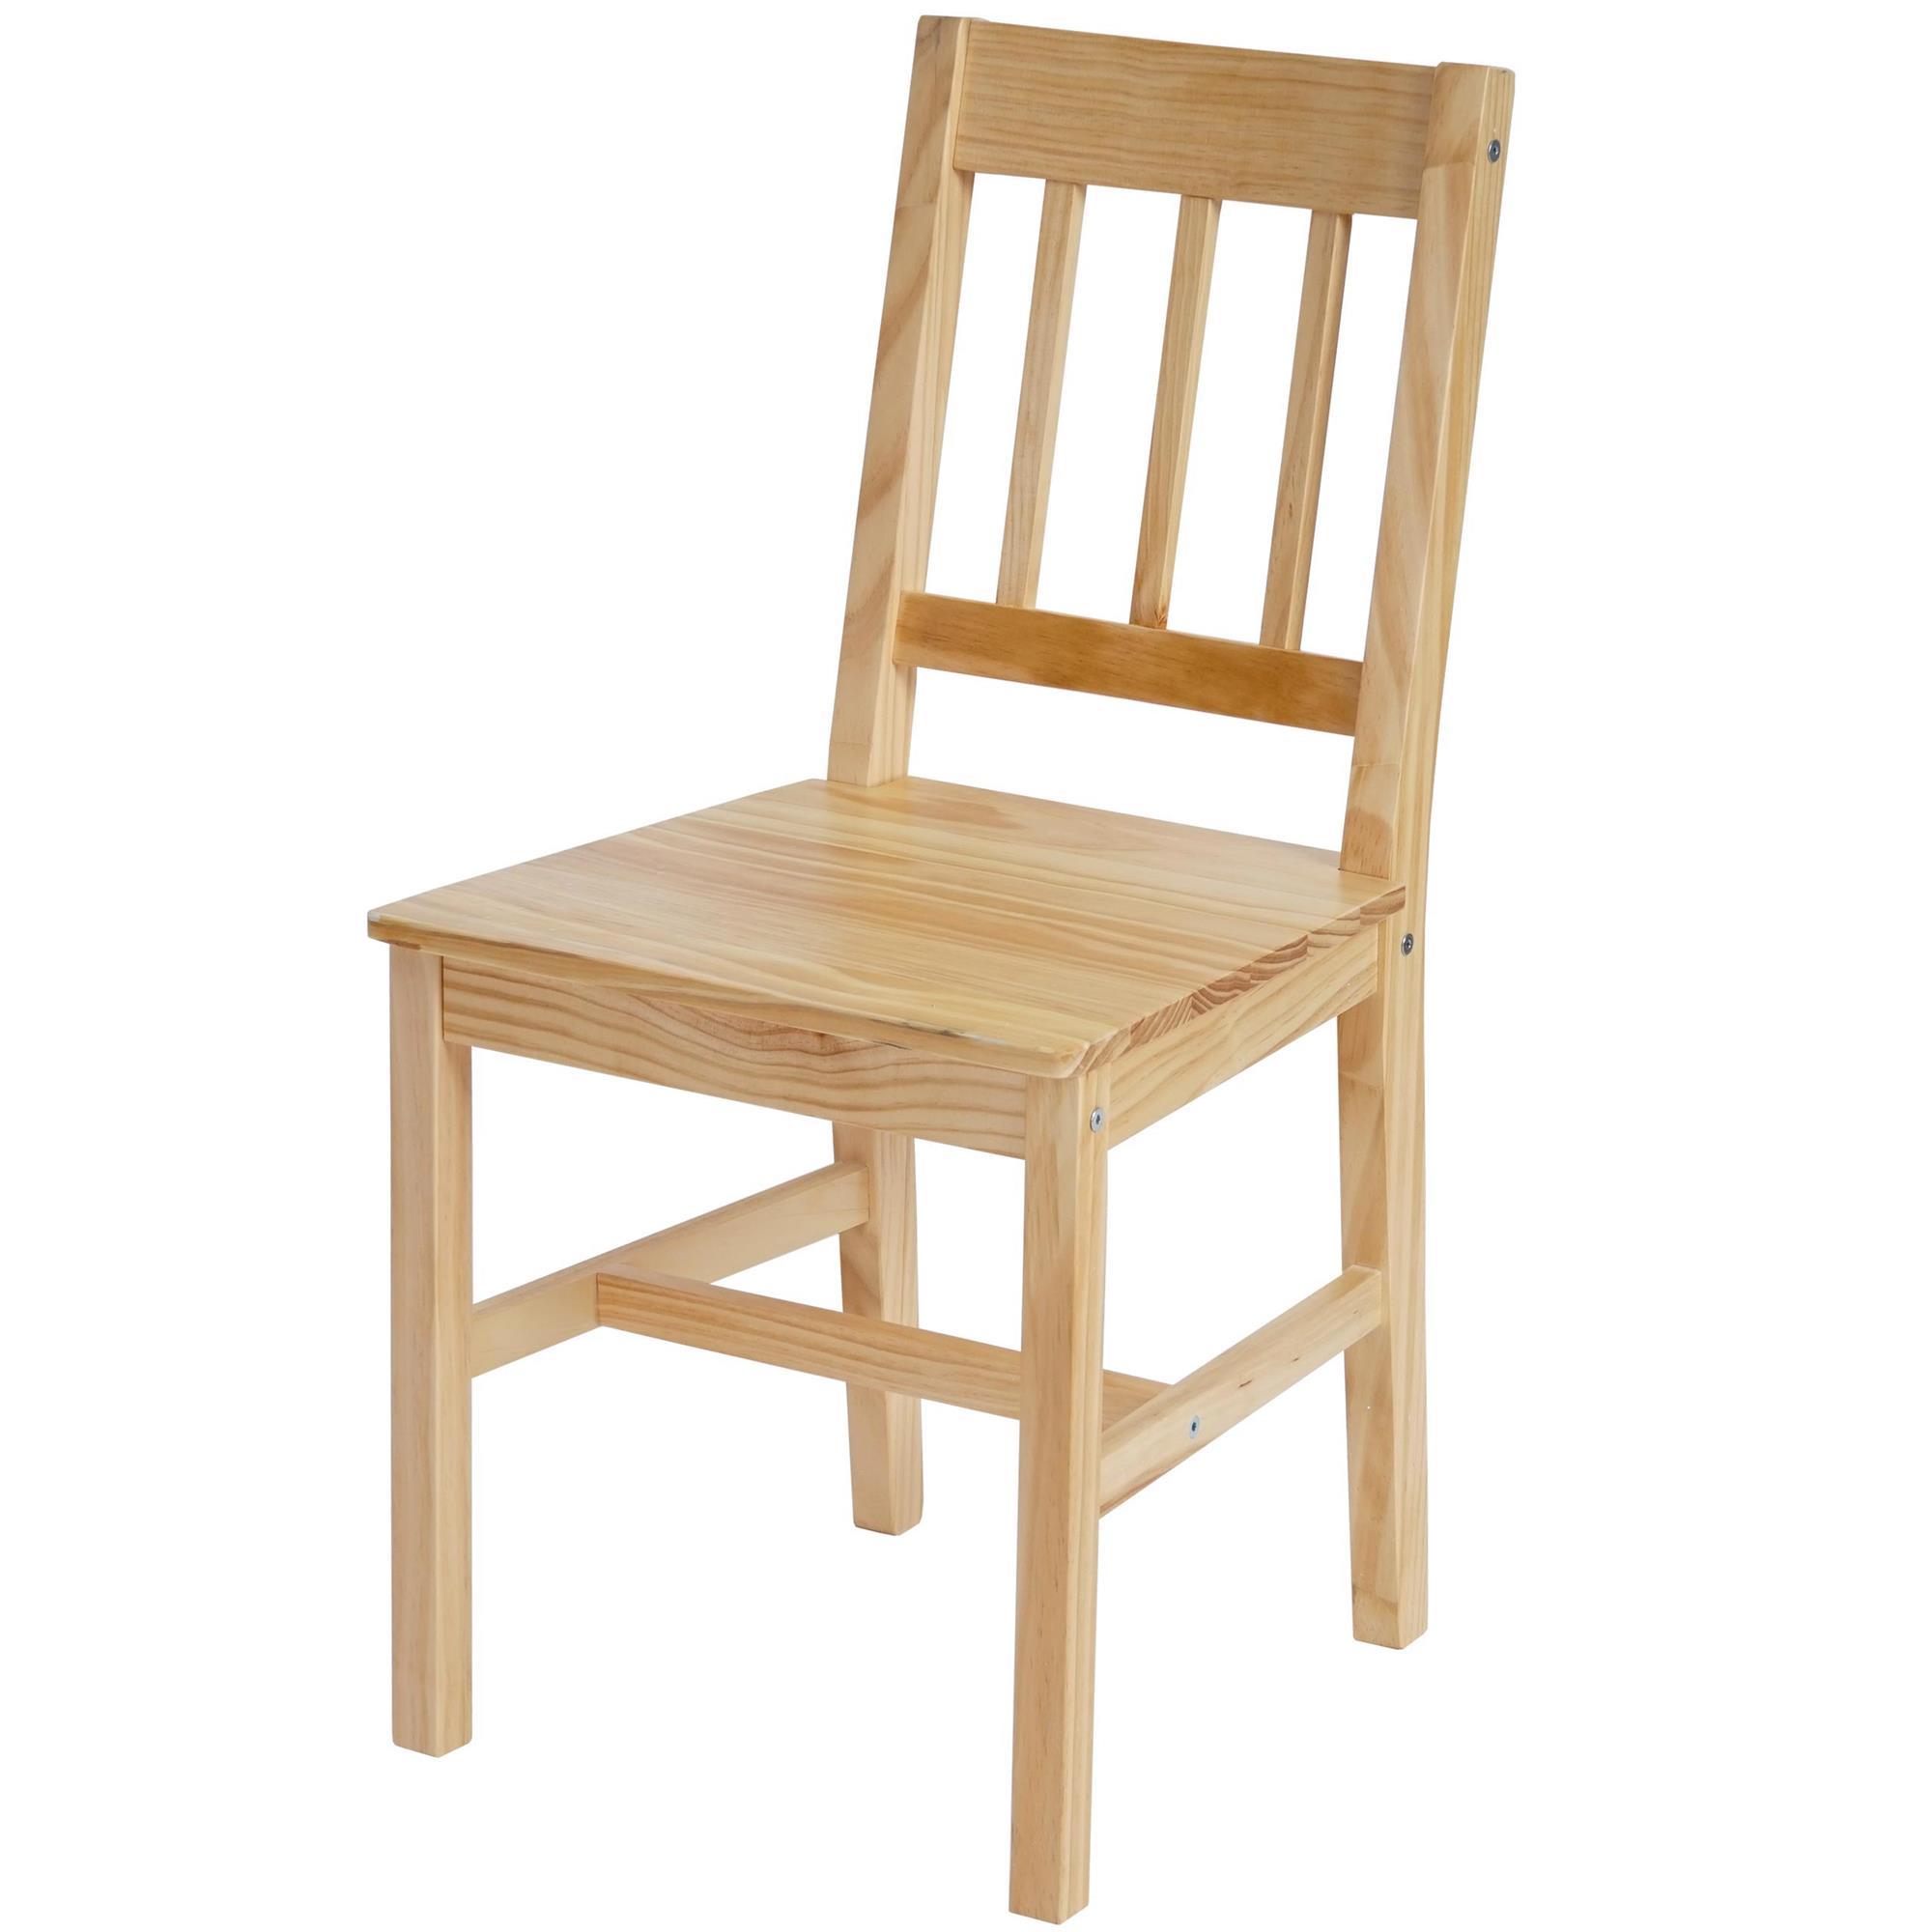 Lote 4 sillas de cocina o comedor nerja en marr n haya for Comedor de madera 4 sillas